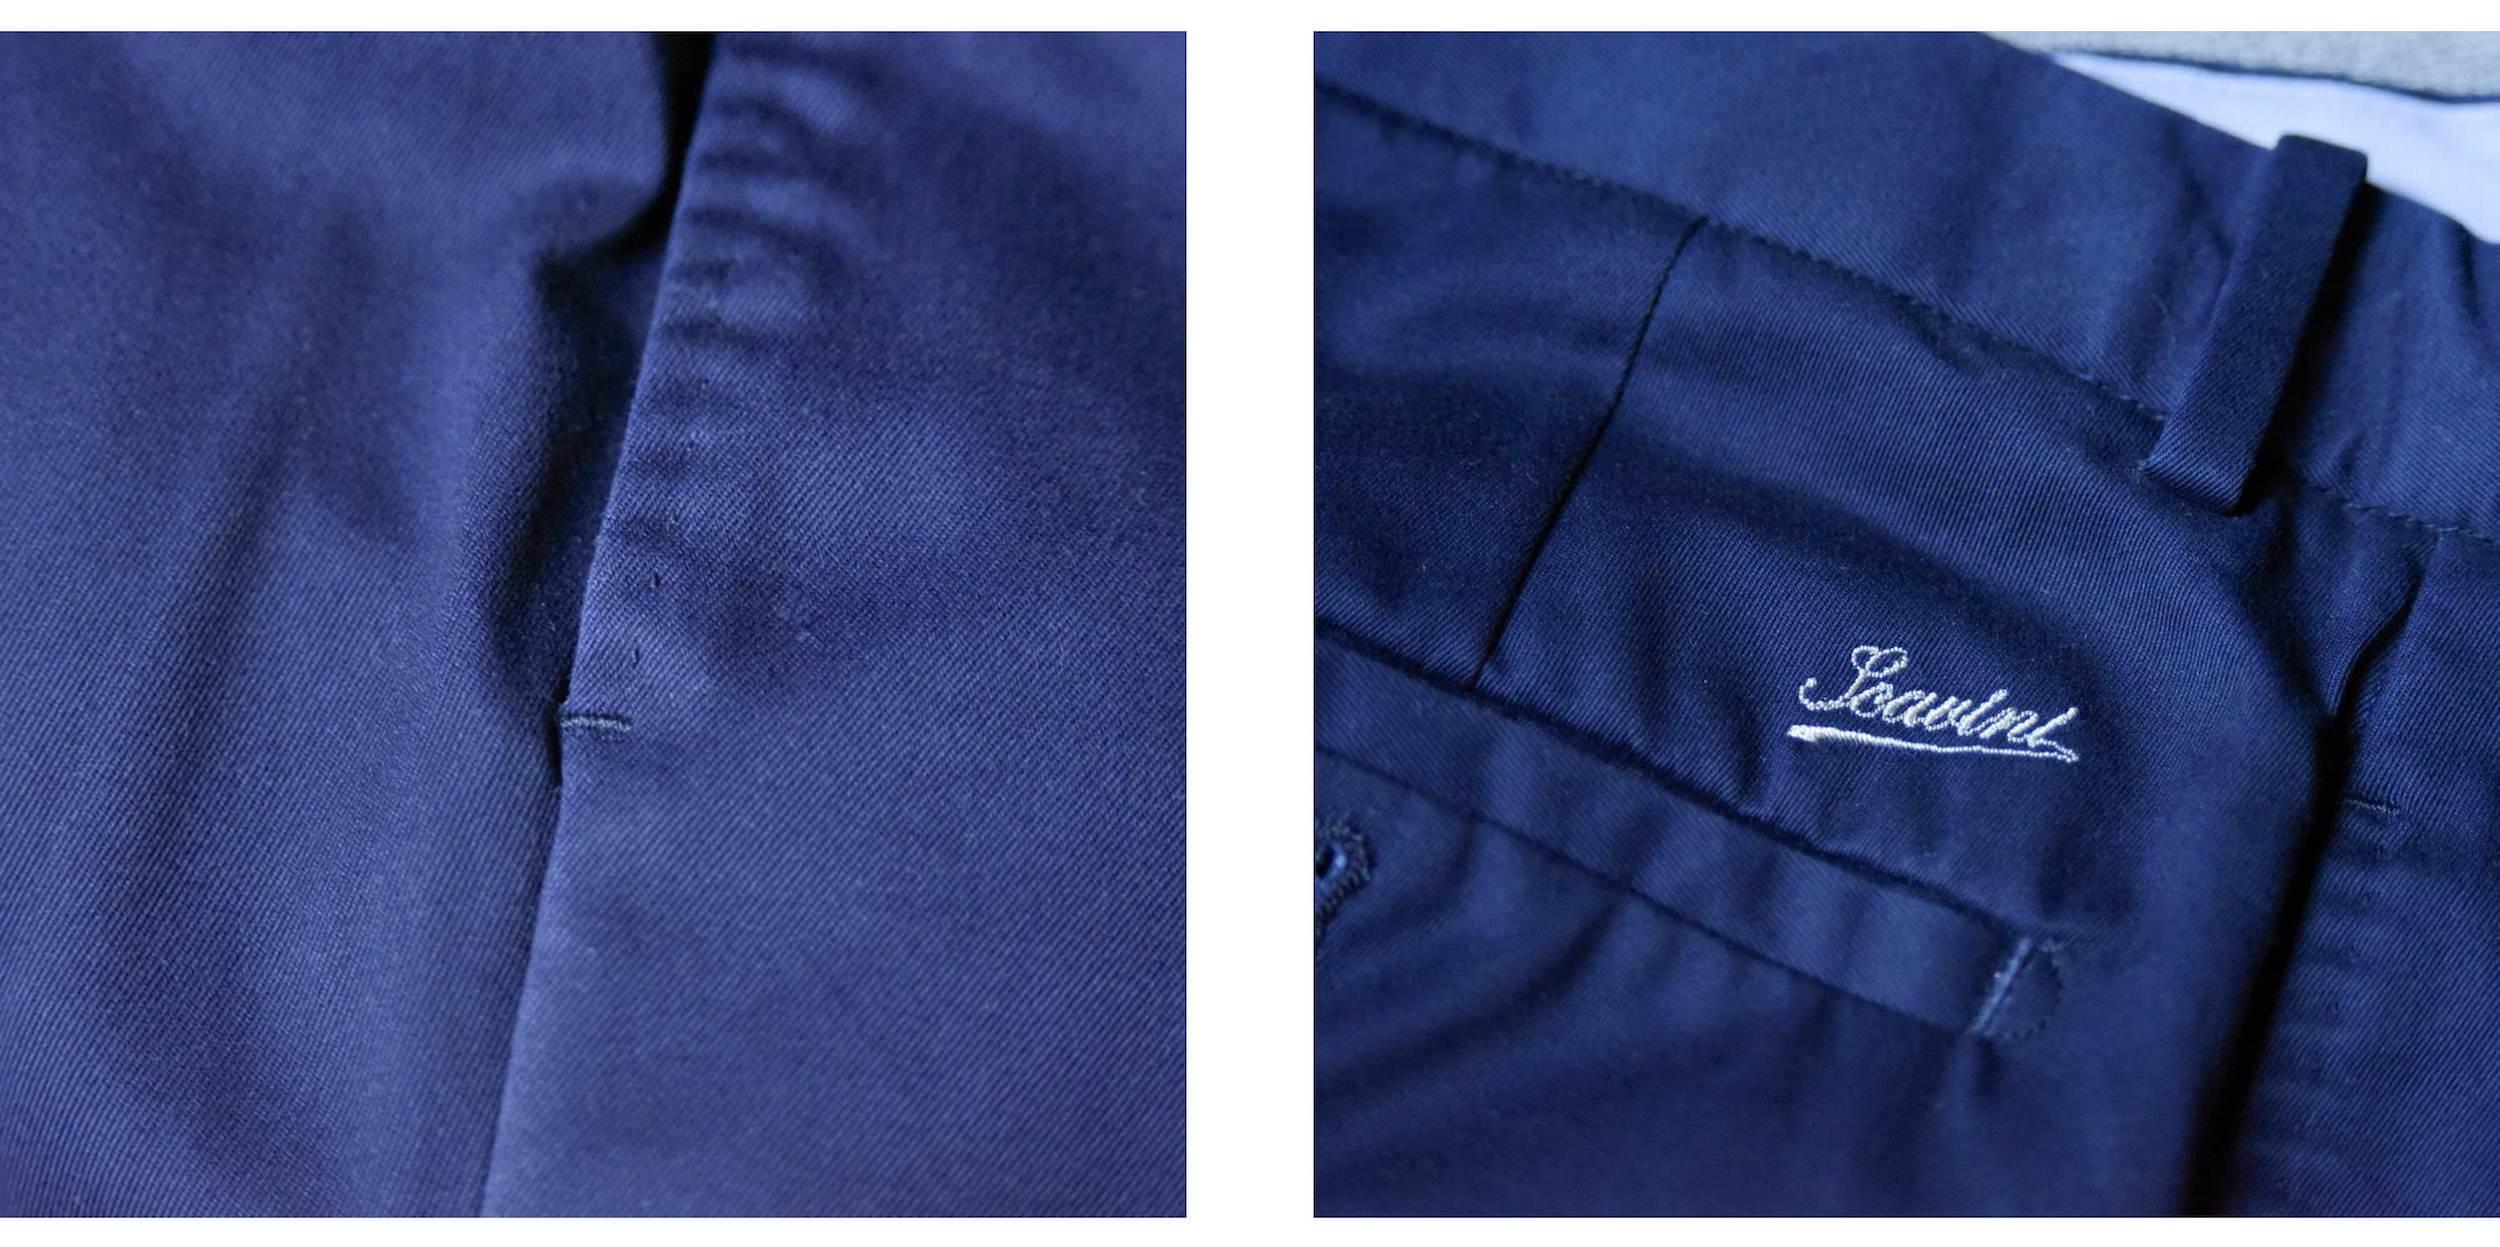 pantalon homme details